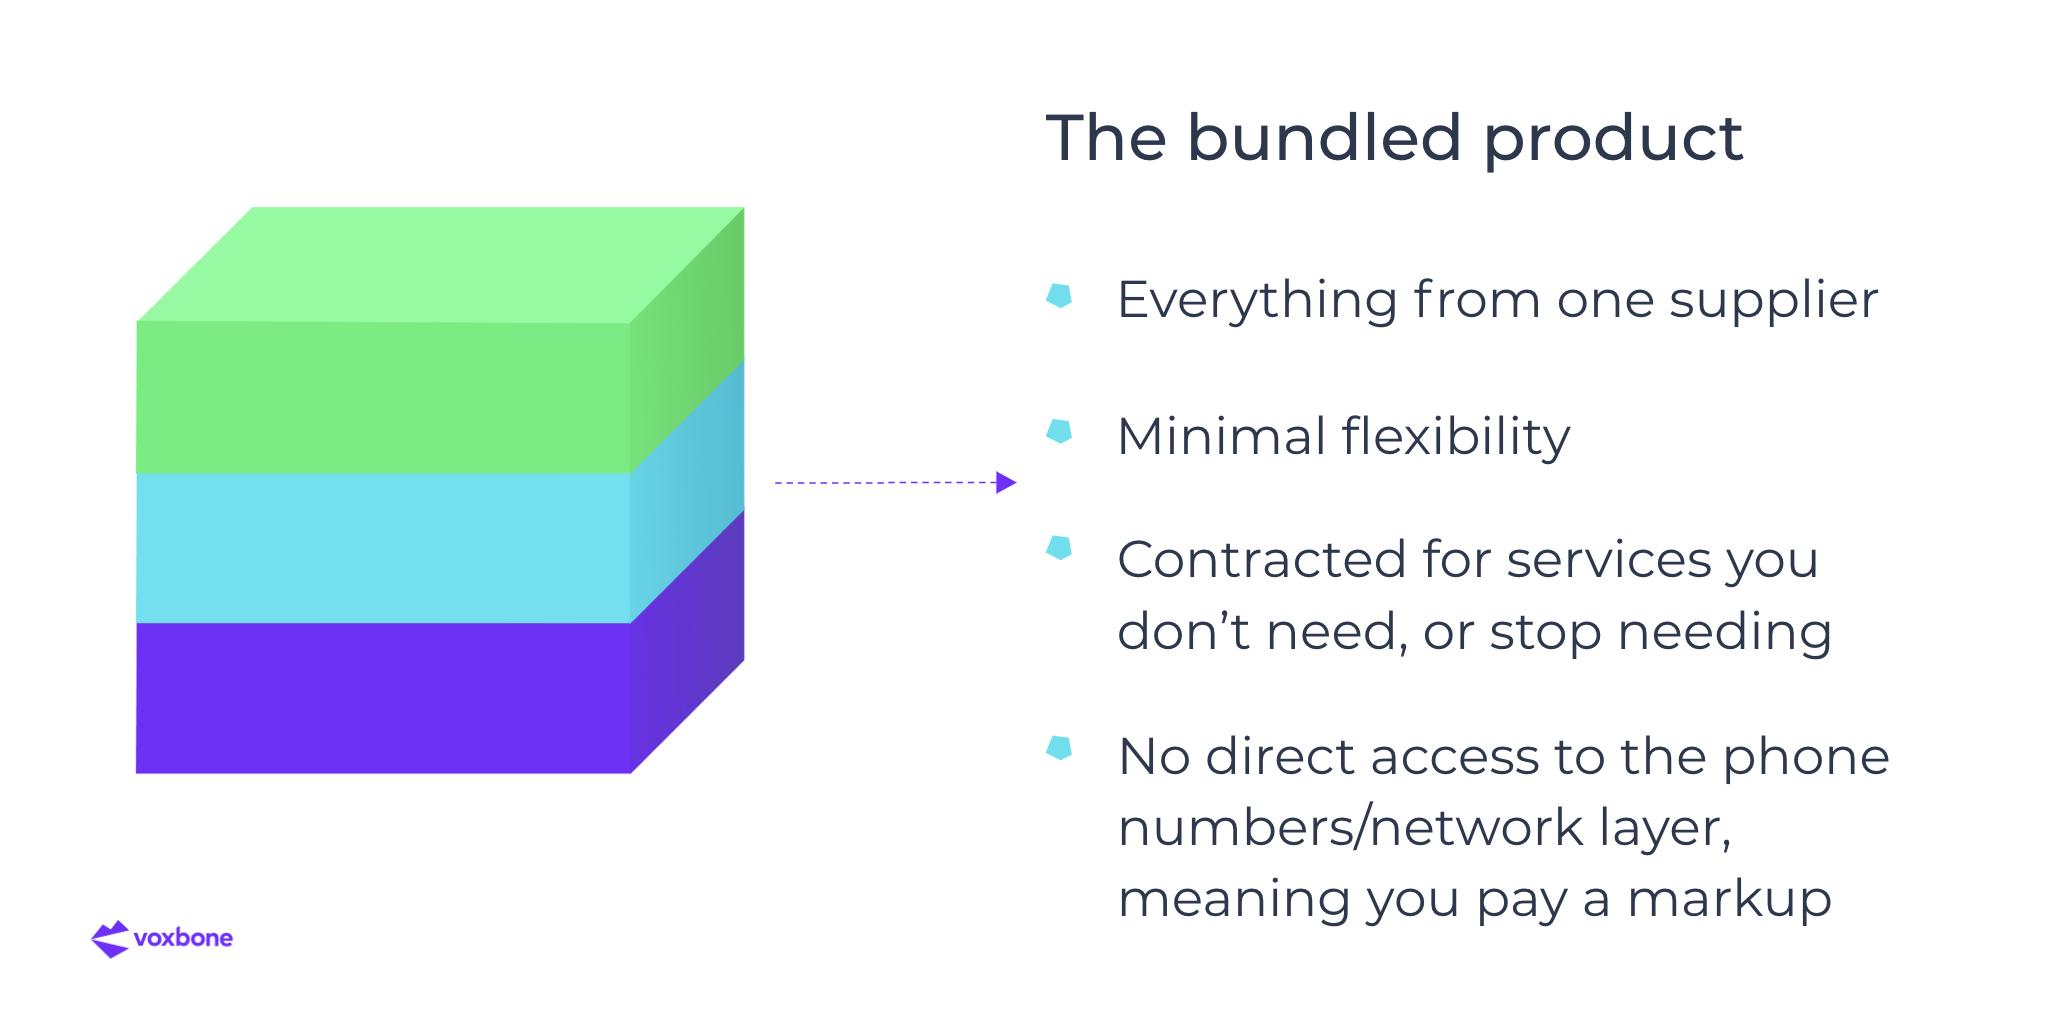 Bundled - The 2020 Cloud Comms Evolution: BYOC & Unbundling